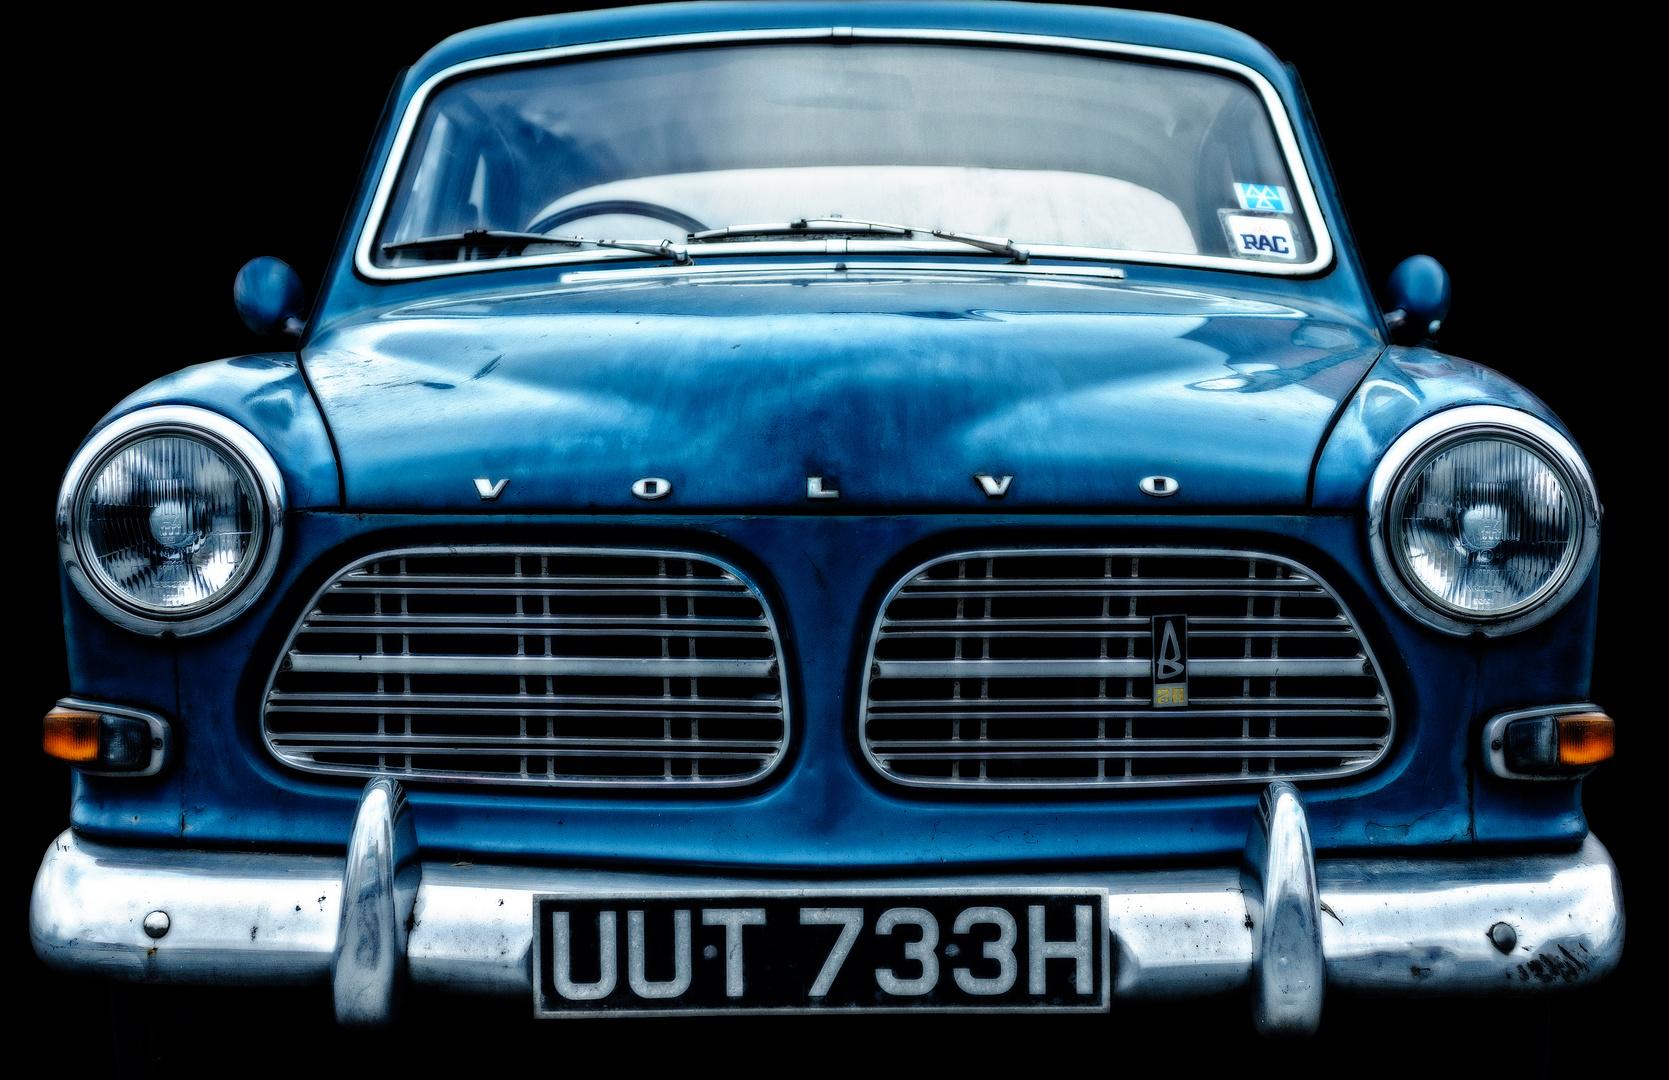 Volvo B20 I